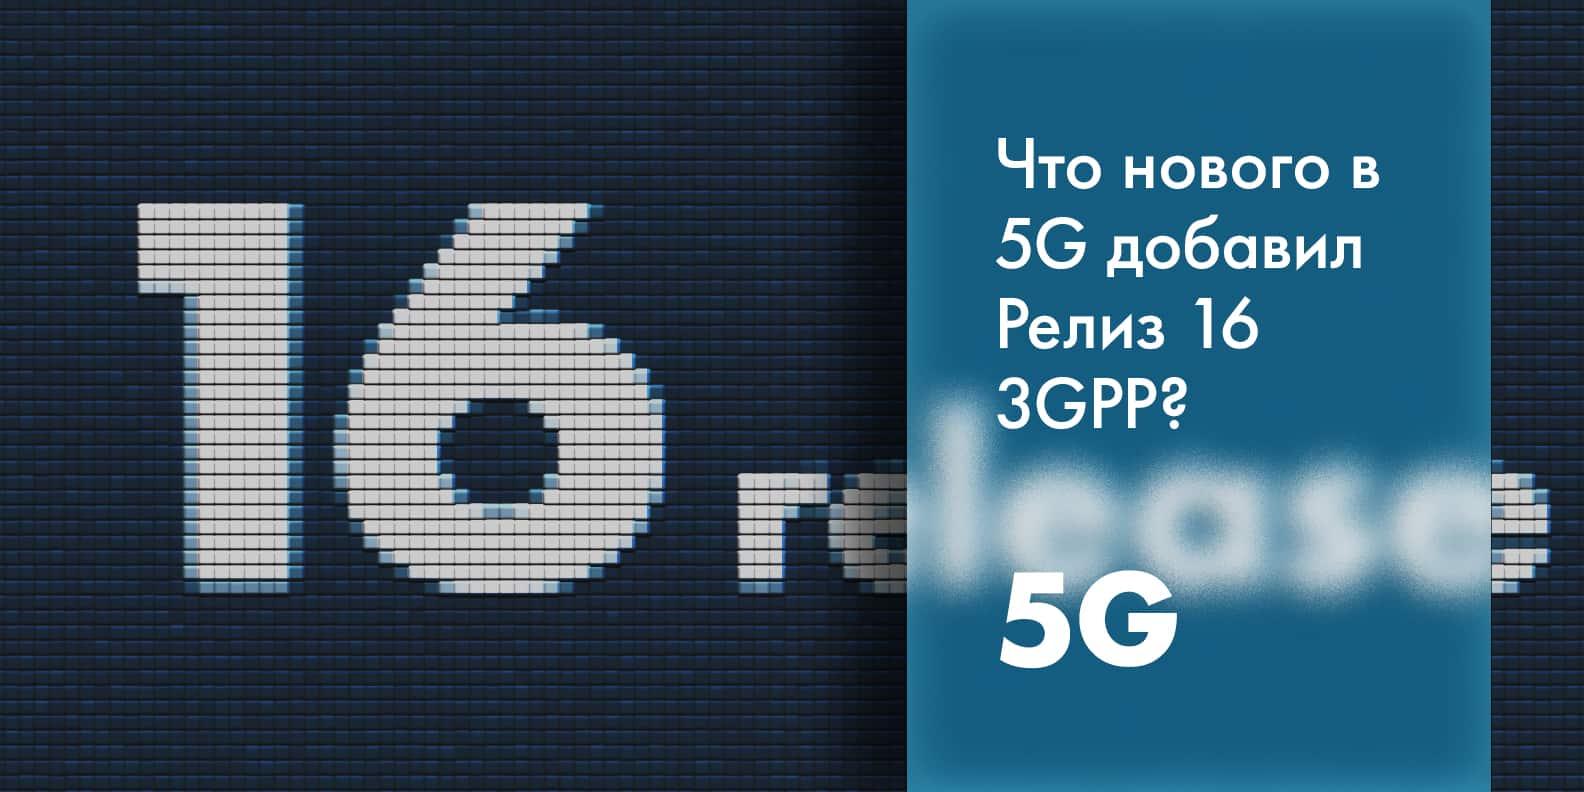 Релиз 16 – это второй этап развития спецификаций 5G. Выпуск следующего, 17-го, ожидается в середине 2022 года. Он завершит стандартизацию 5G. Дальнейшая работа консорциума 3GPP будет в большей части относиться…